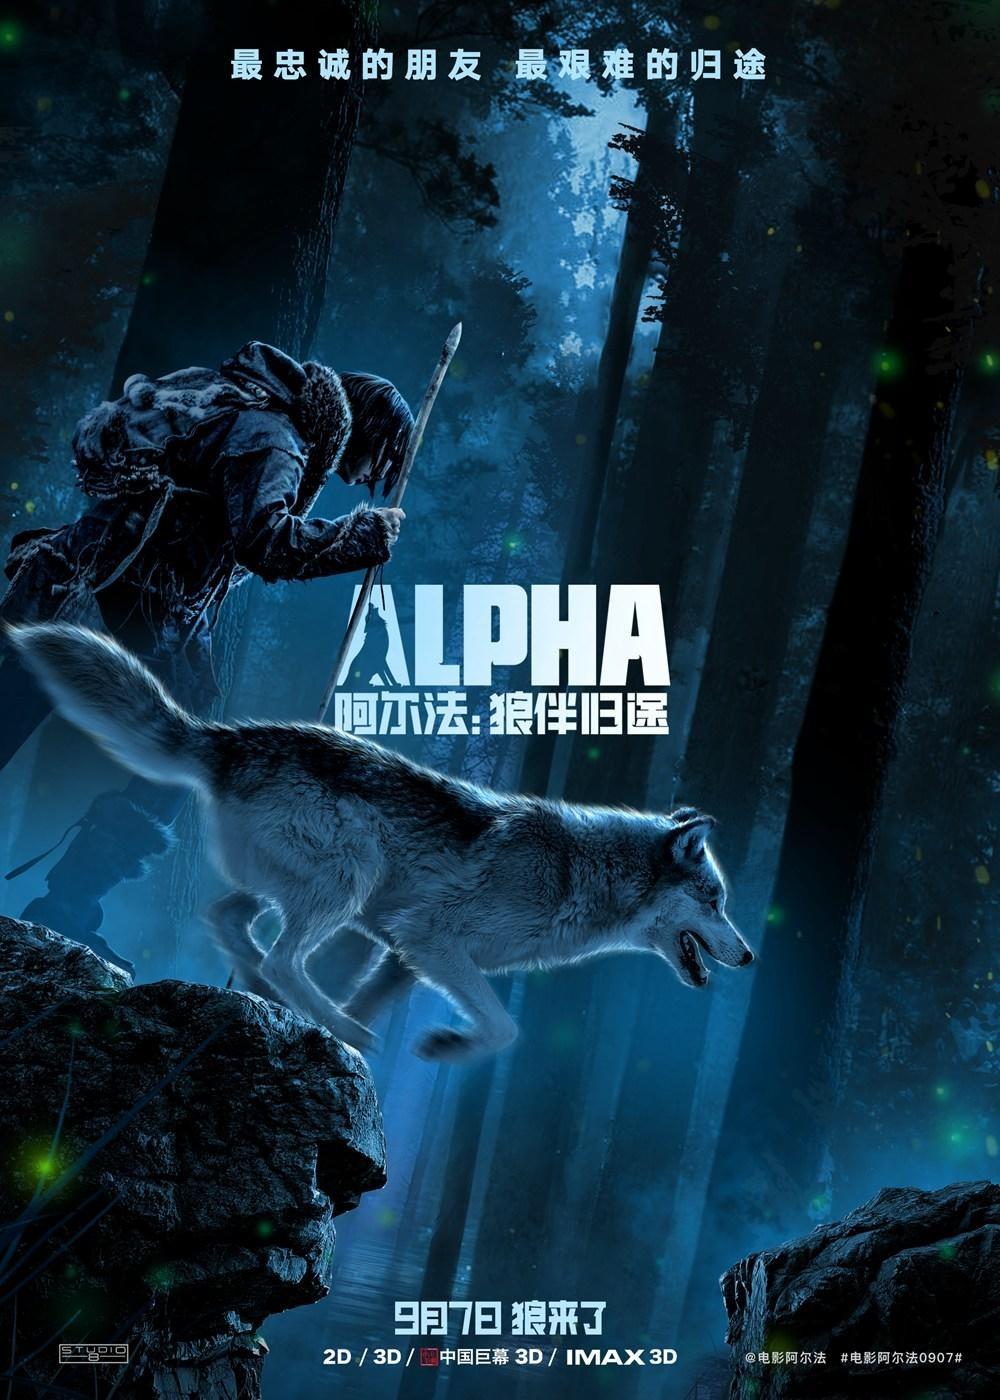 Alfa Film